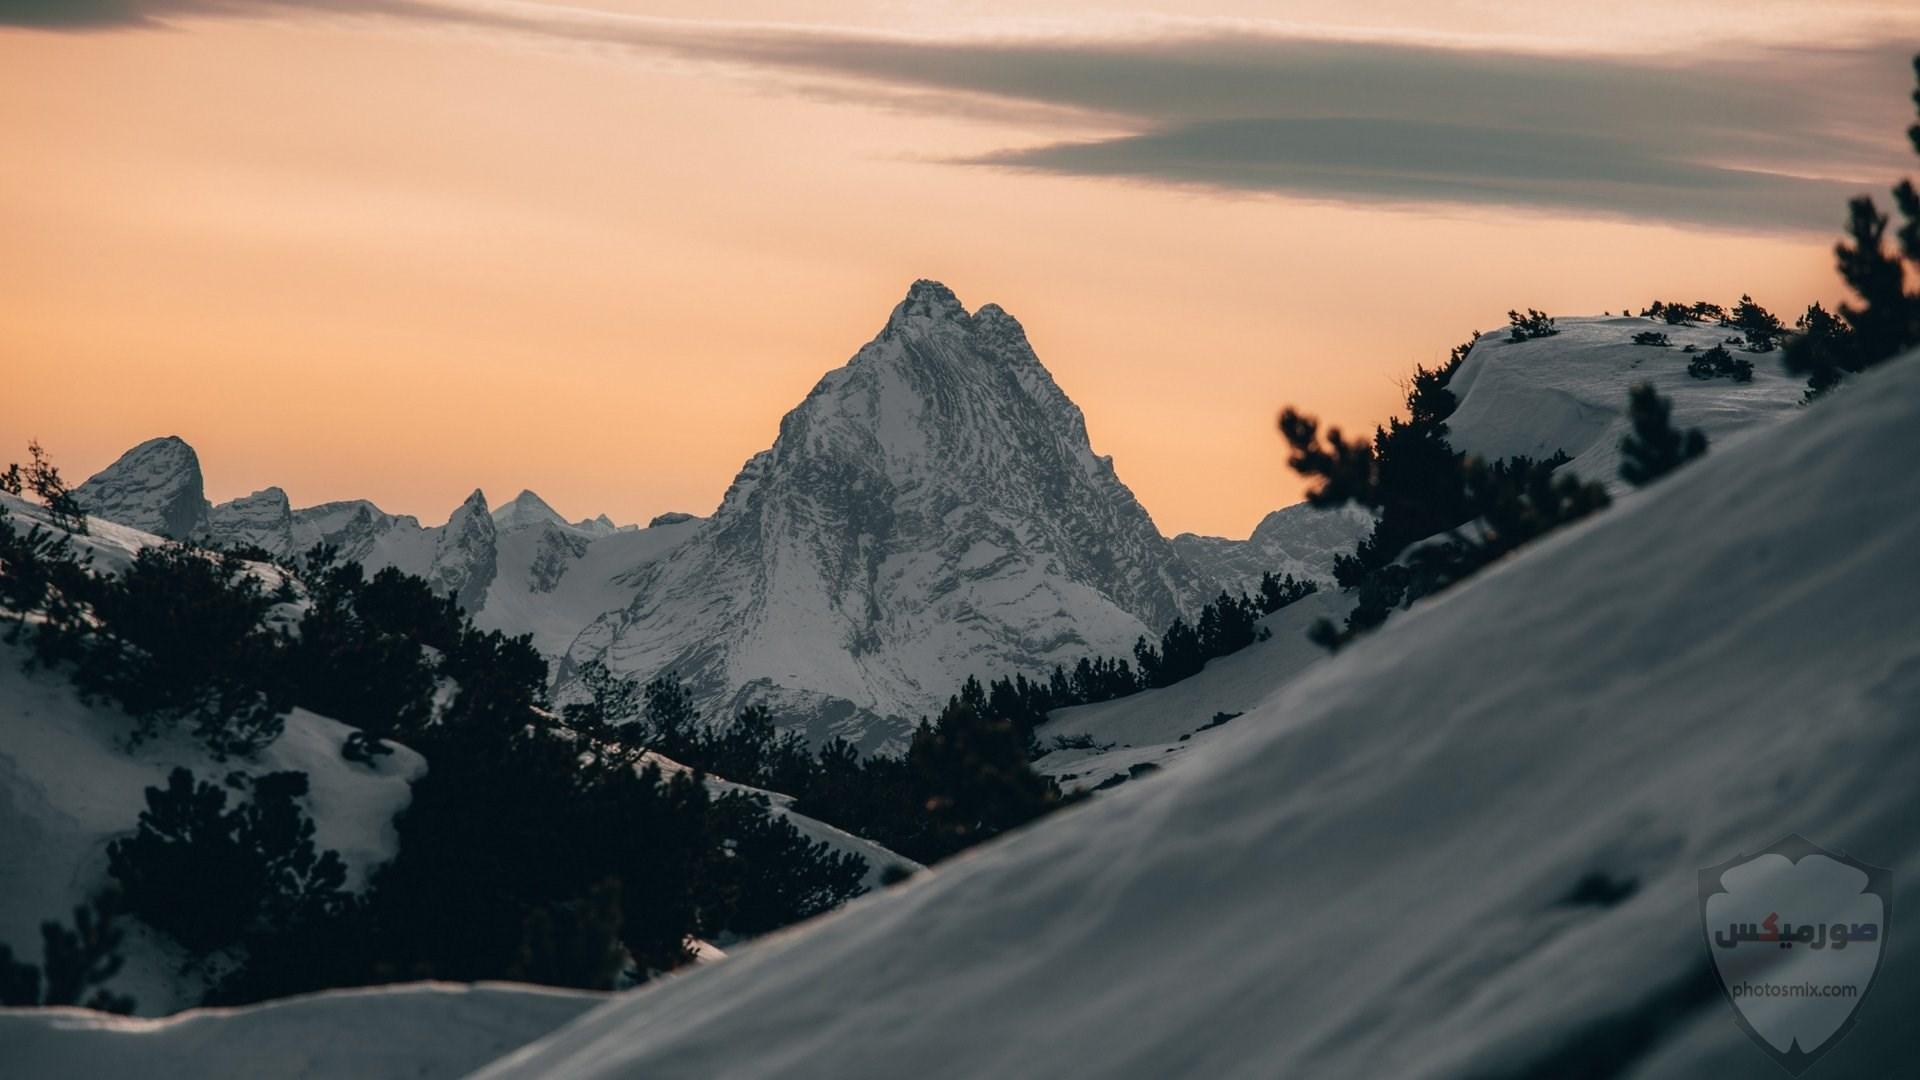 خلفيات جبال وشلالات 2020 مناظر طبيعية بالصور 2